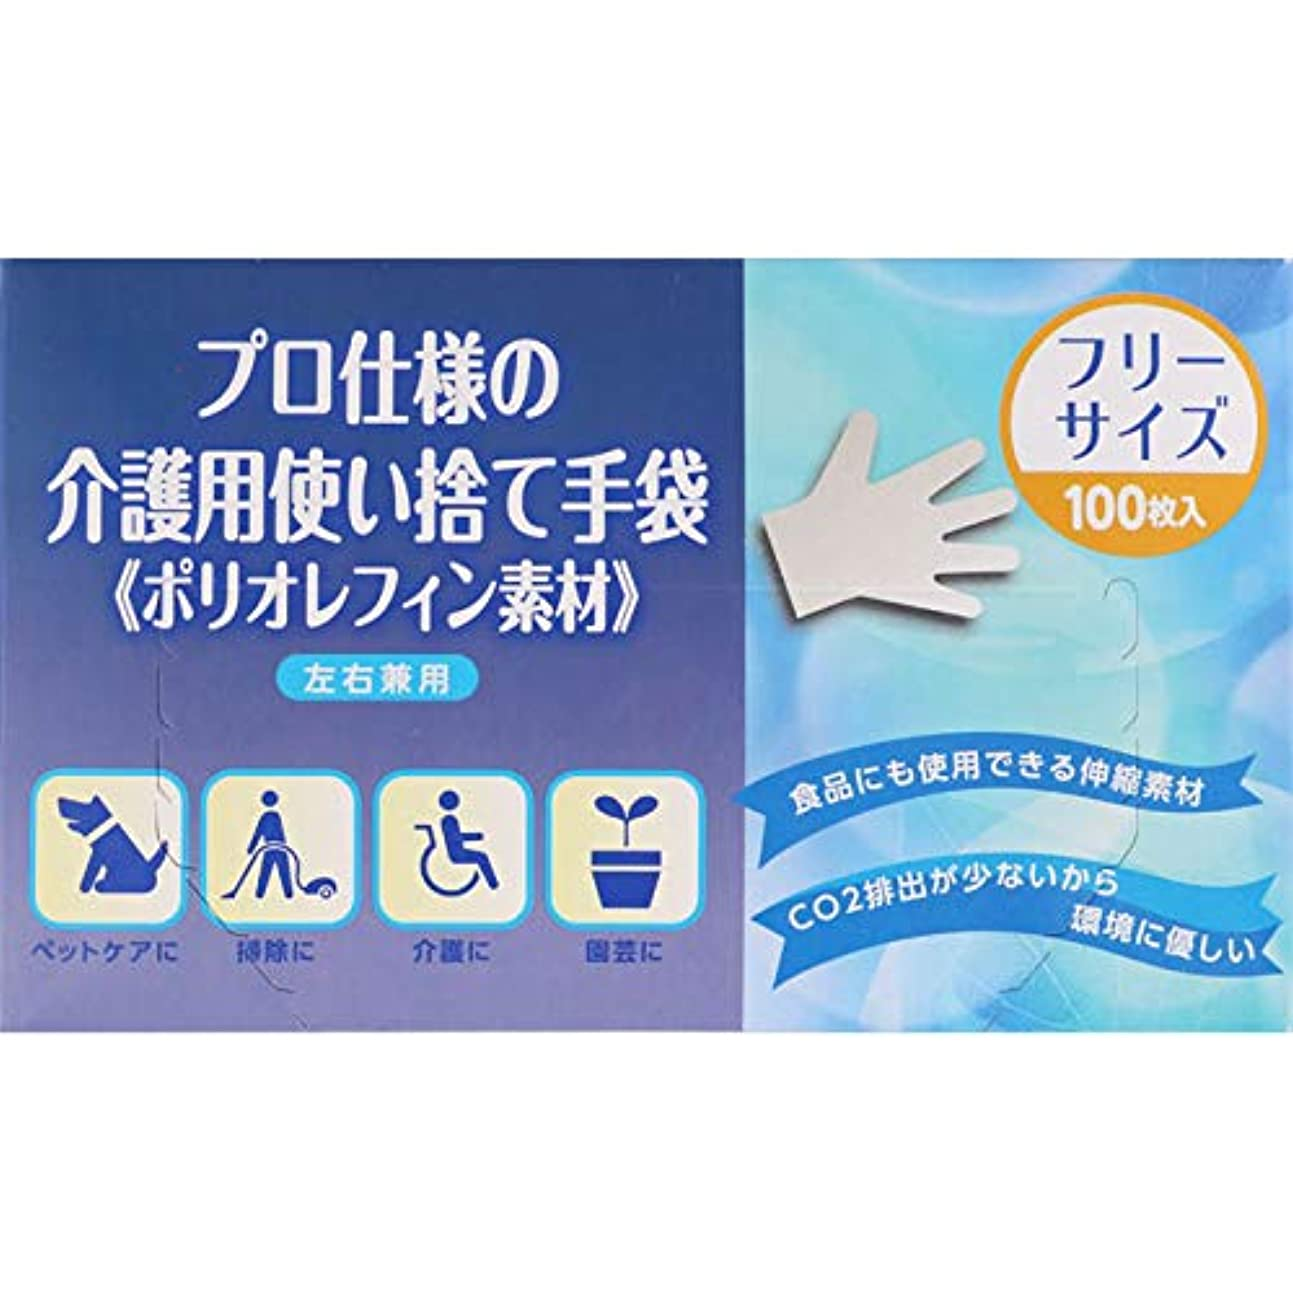 幹風が強い目的【5個セット】プロ仕様の介護用使い捨て手袋《ポリオレフィン素材》 100枚